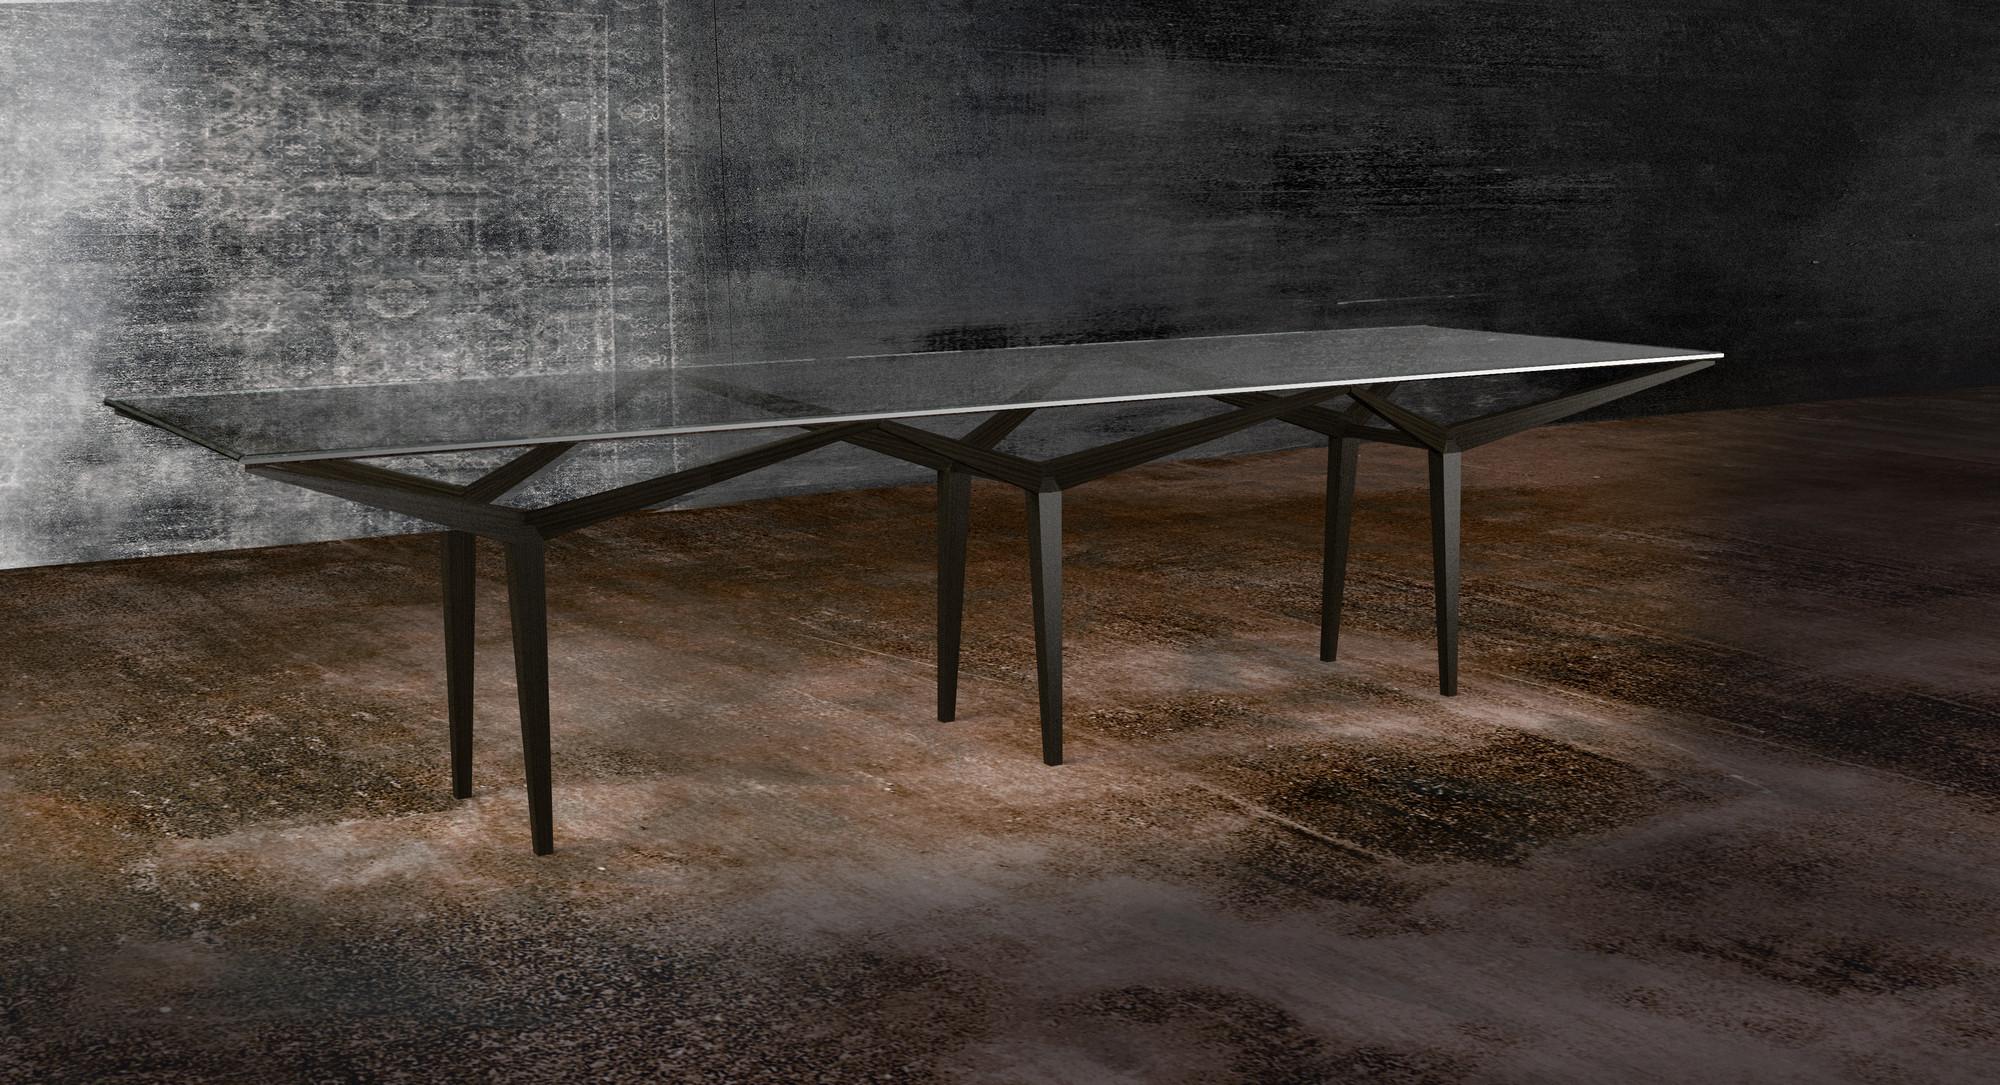 Mesa Double Frame / Iosa Ghini Associati, Courtesy of IOSA Ghini Associati